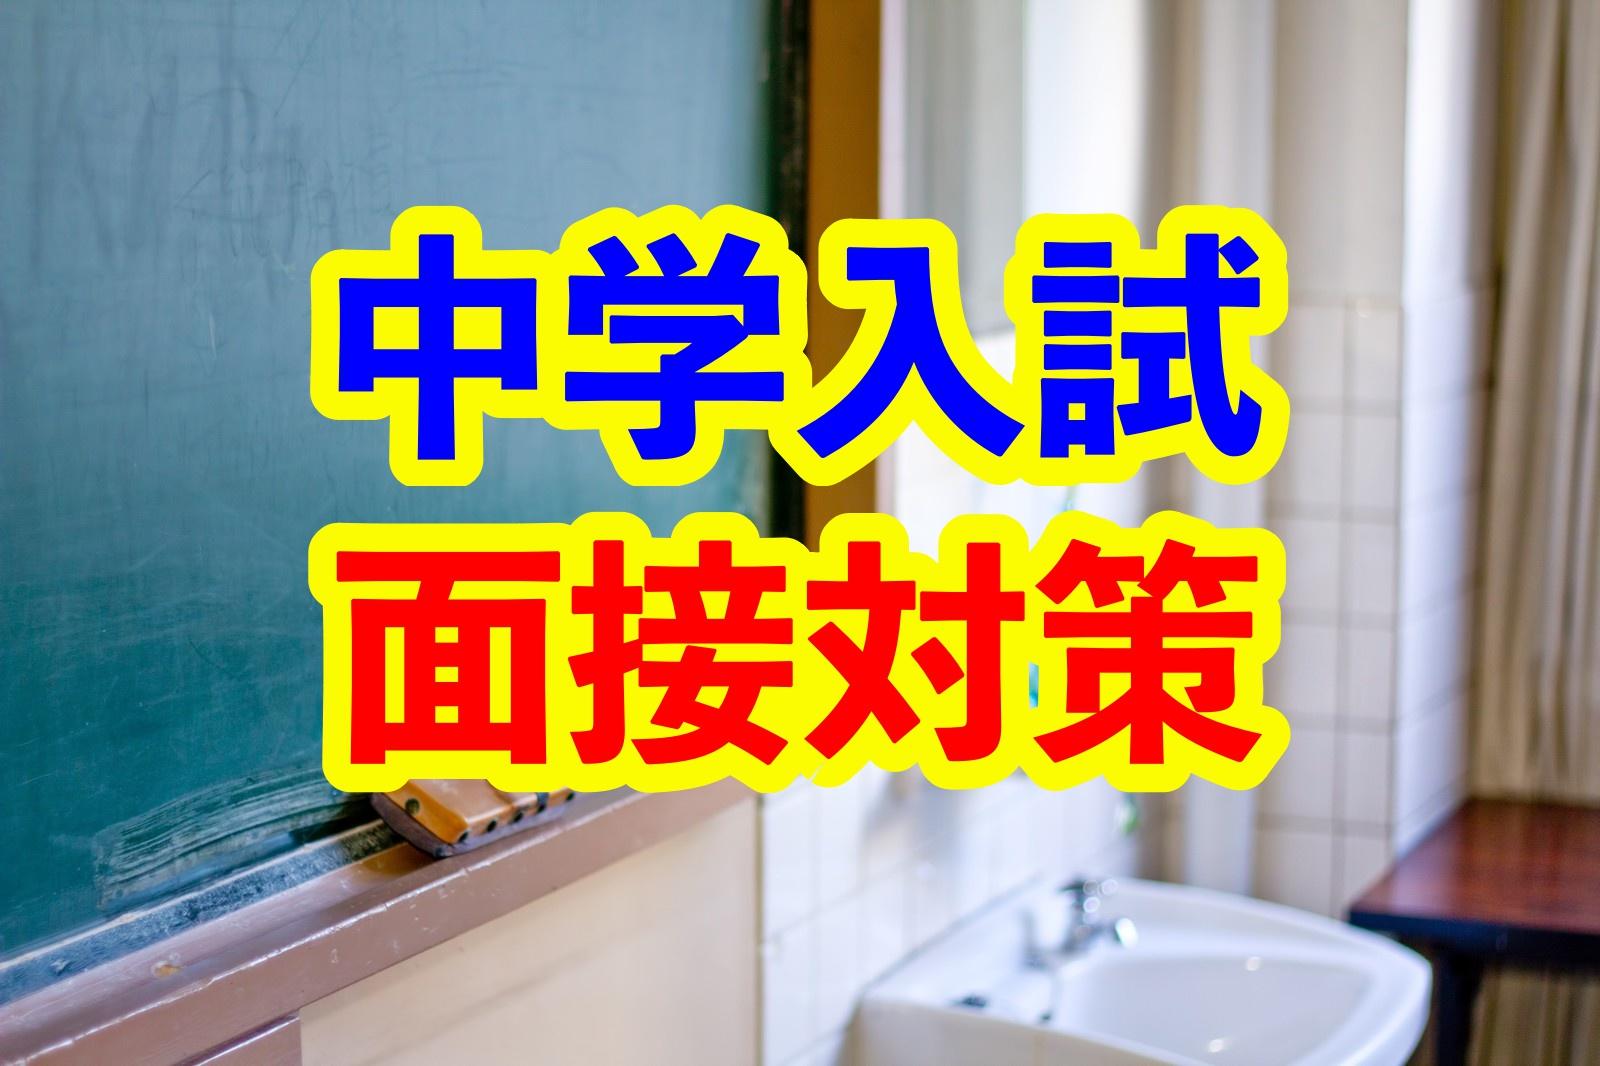 中学入試の面接